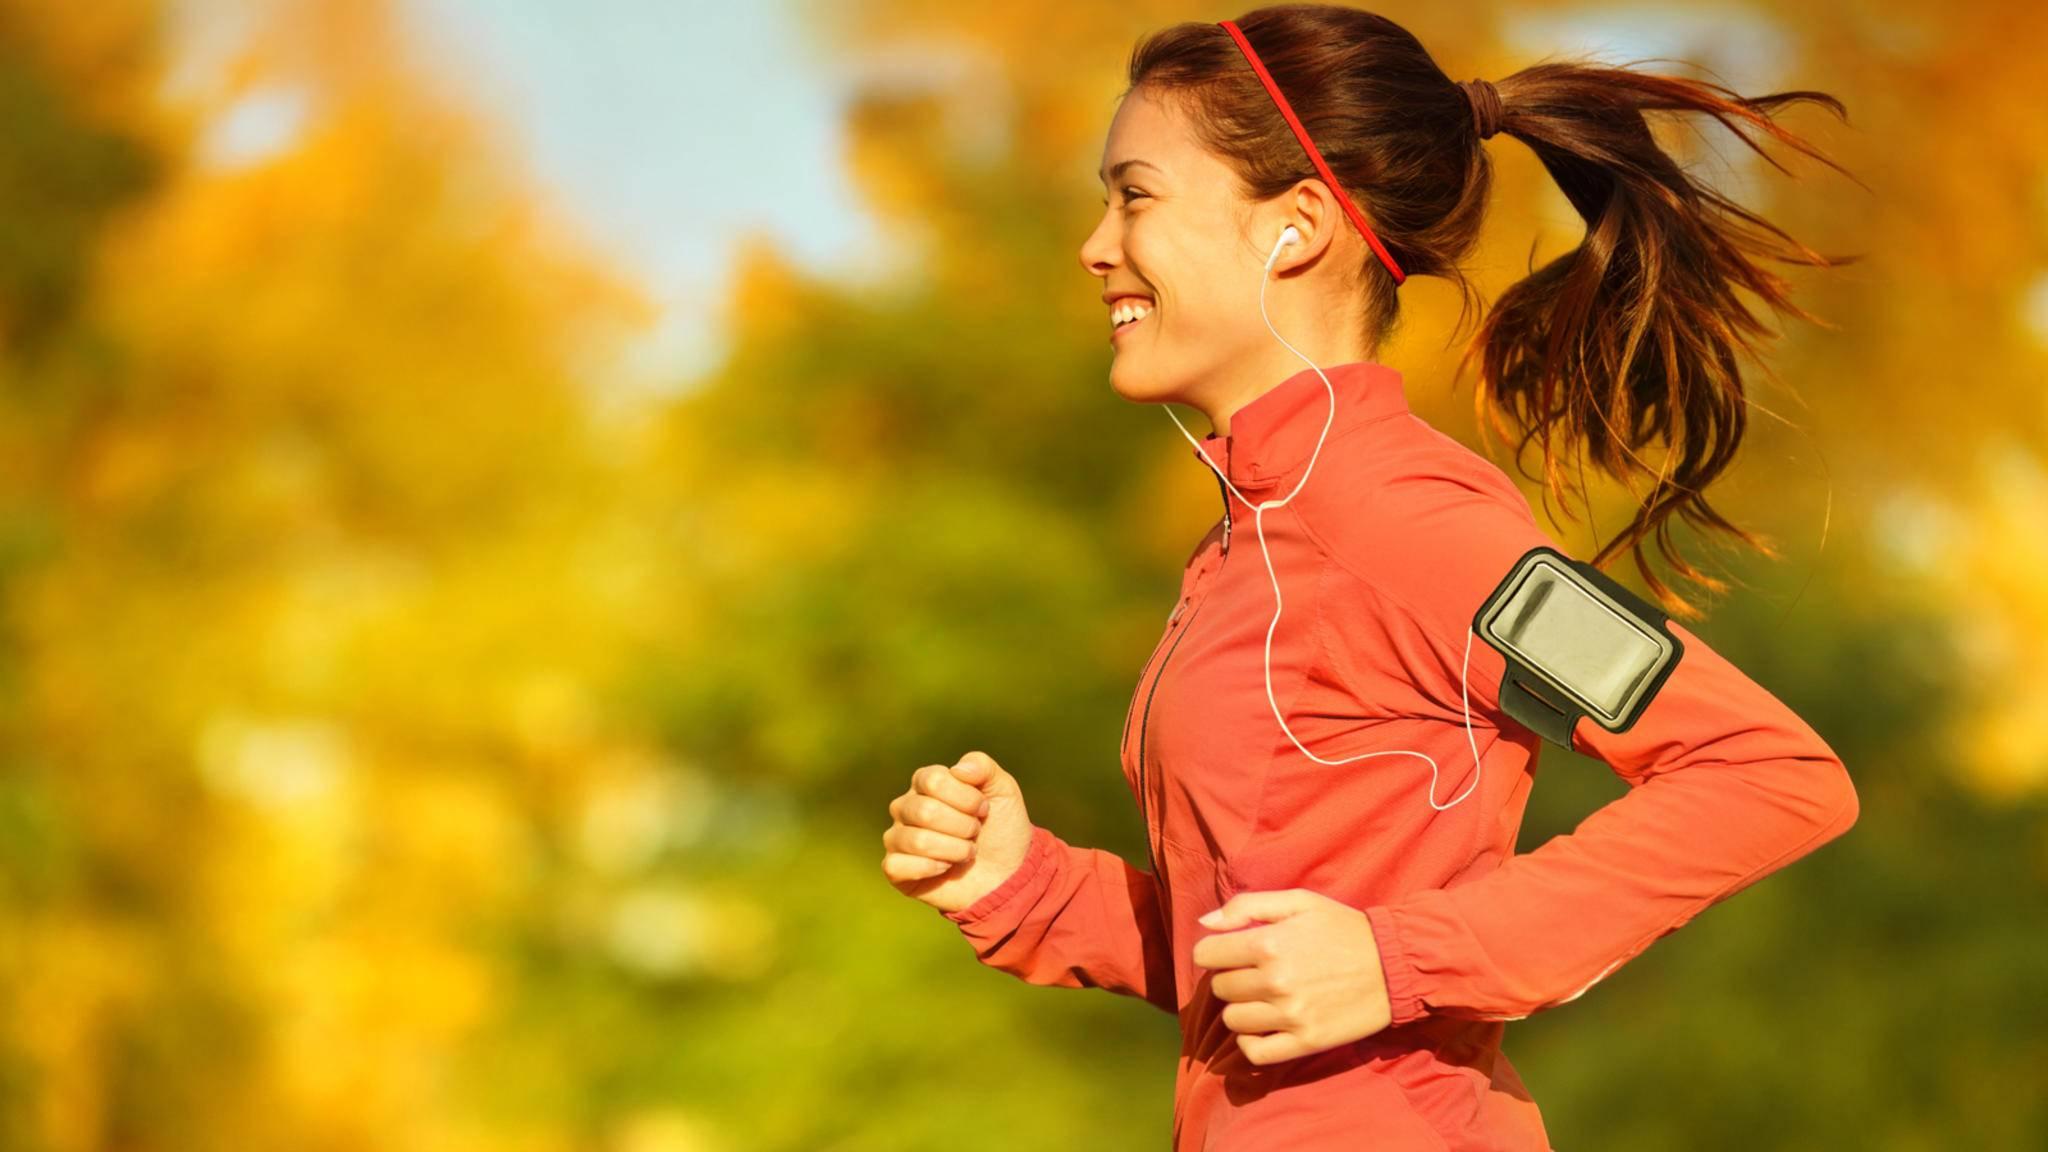 Entfernungsmesser Für Jogger : Lauf app kostenlose jogging apps für anfänger und fortgeschrittene